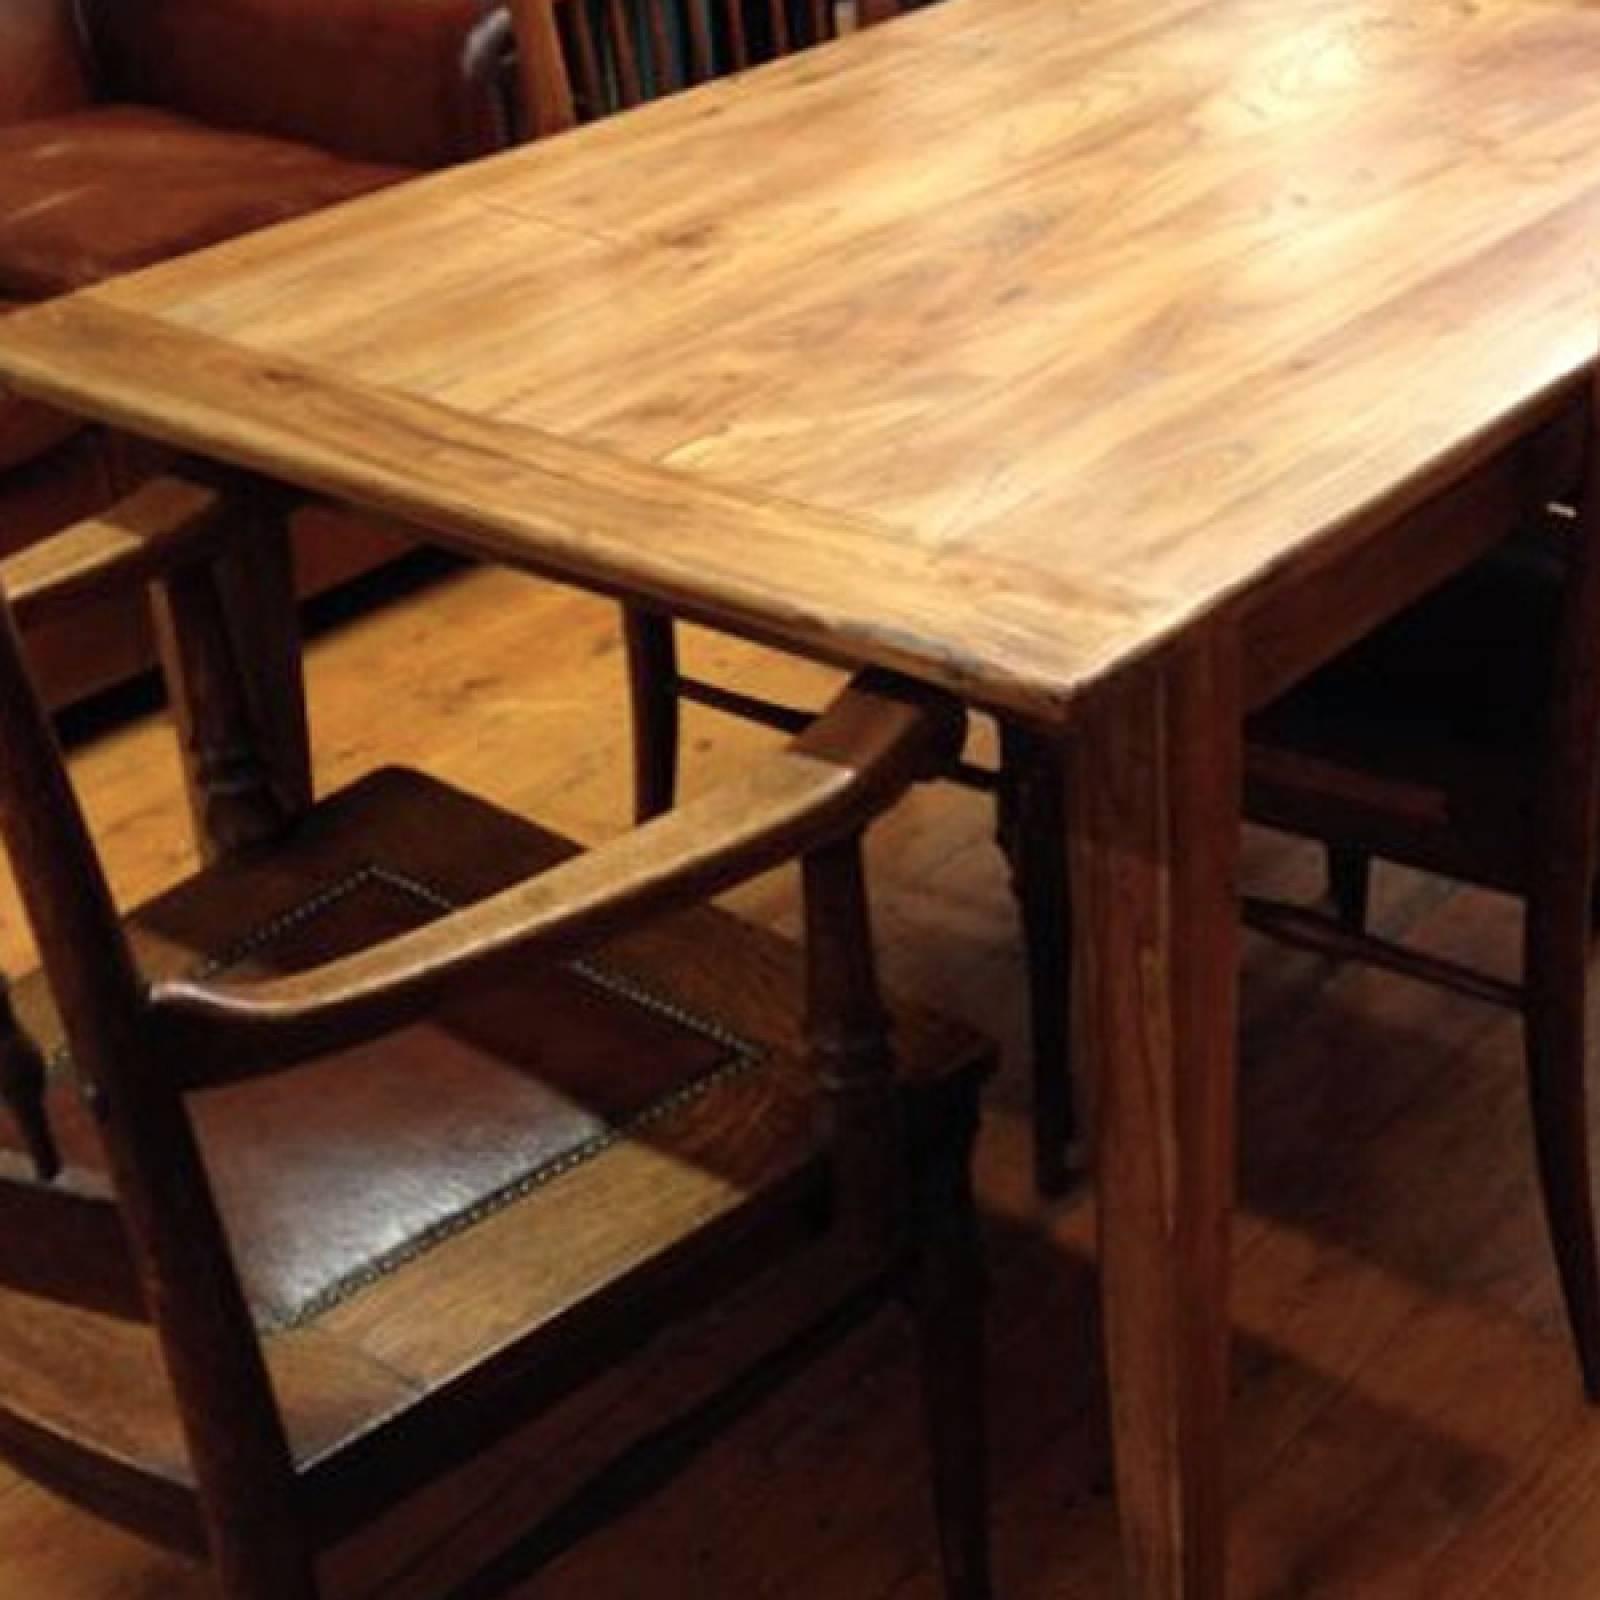 1.8 metre Reclaimed Elm Dining Table - W:181cm D:85cm H:76cm thumbnails